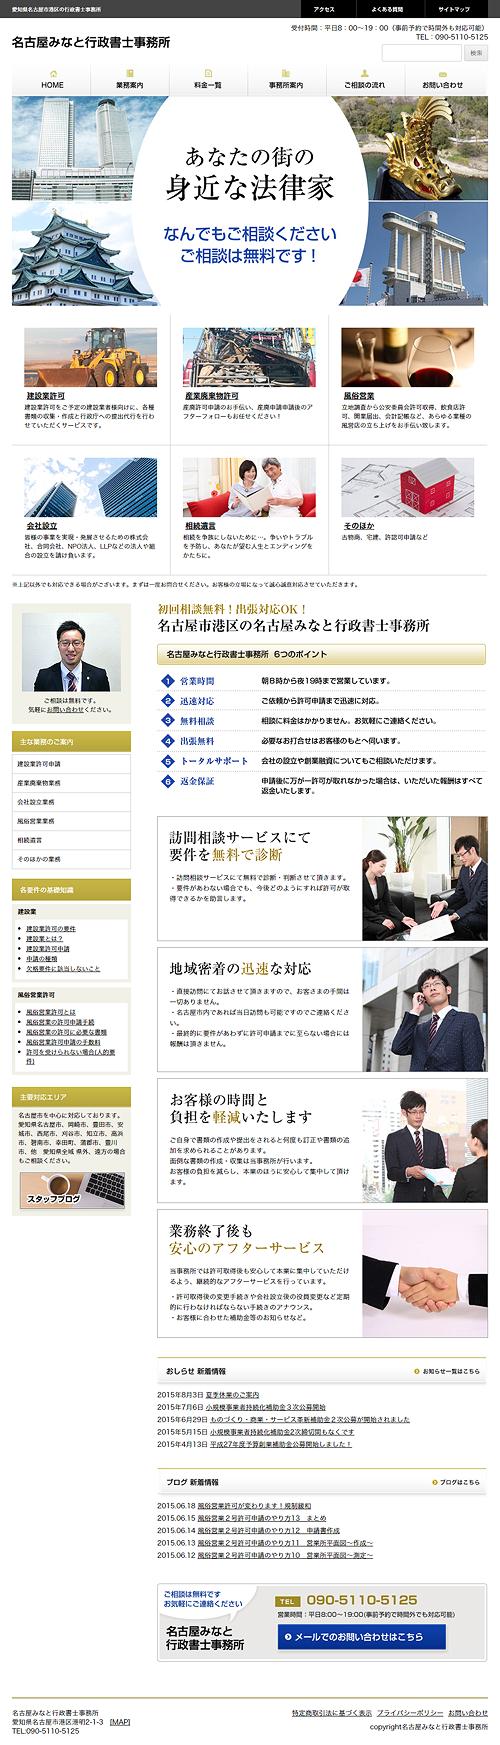 名古屋みなと行政書士事務所様ホームページ